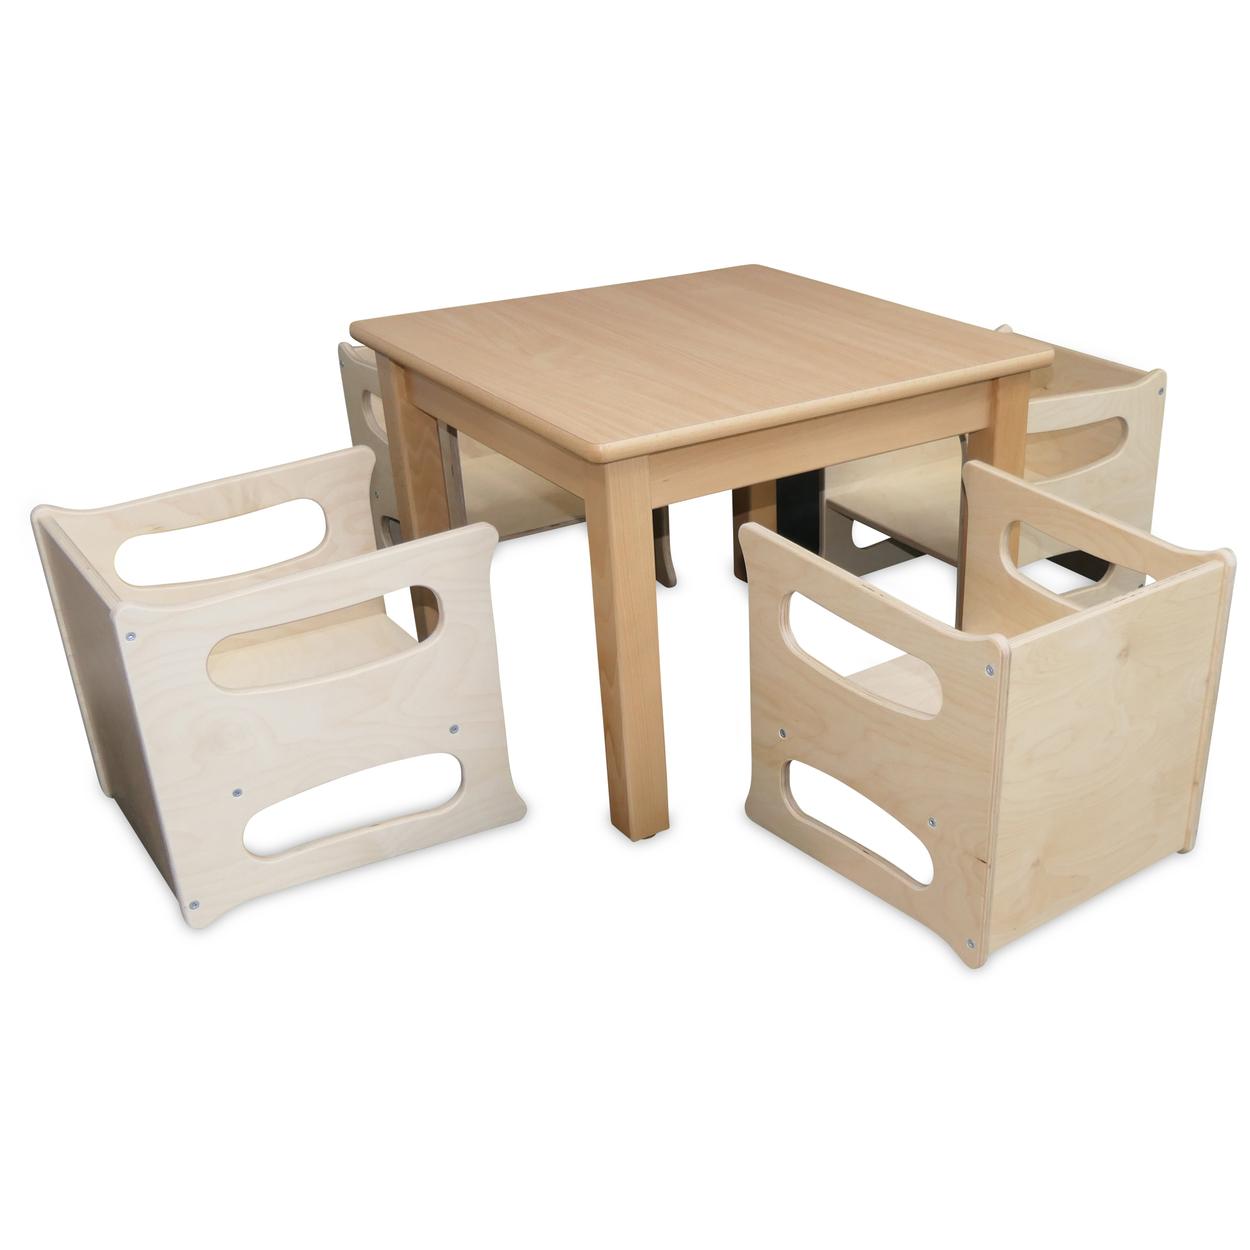 4 x Mehrzweckstuhl-Tisch Birke+ Tisch 60 cm 5 er Set